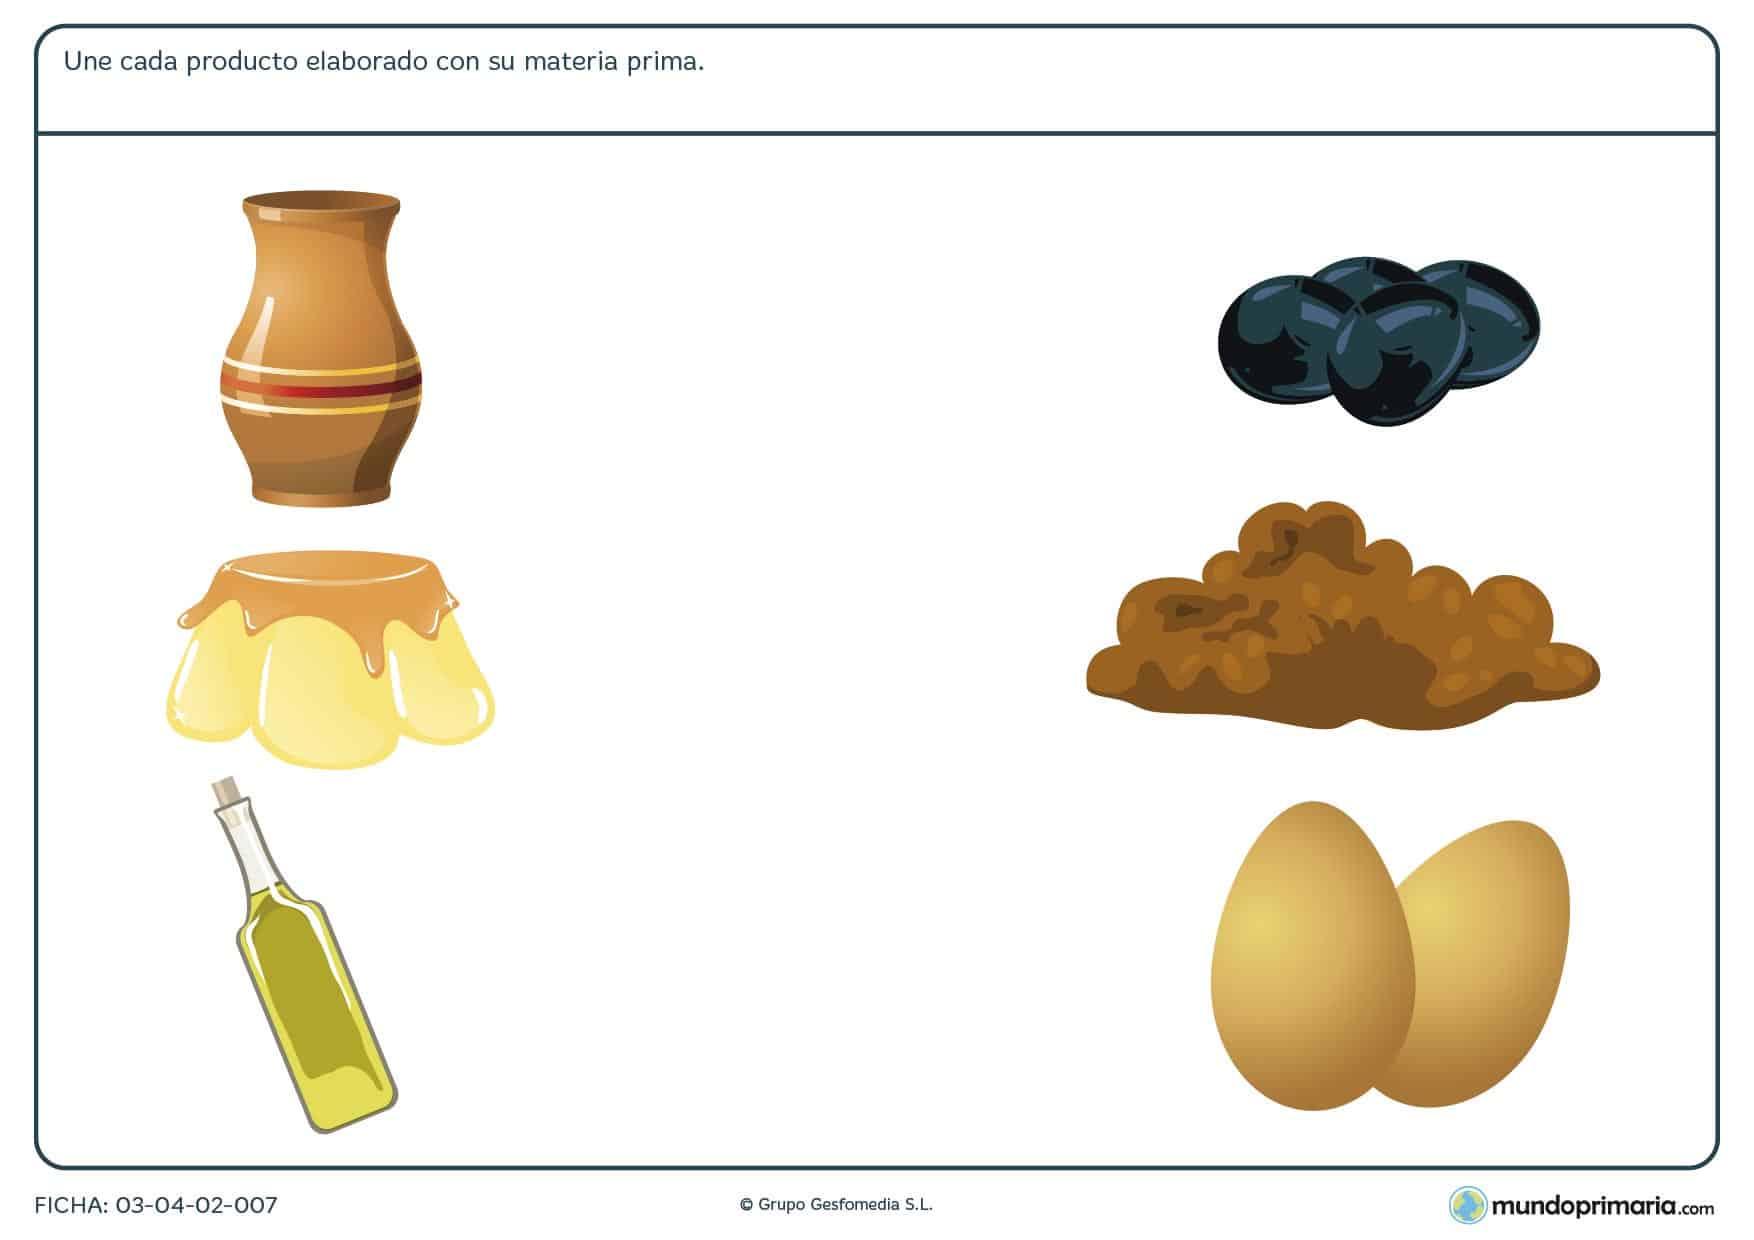 Ficha del origen del producto con la que los niños de primaria aprenderán sobre los productos elaborados